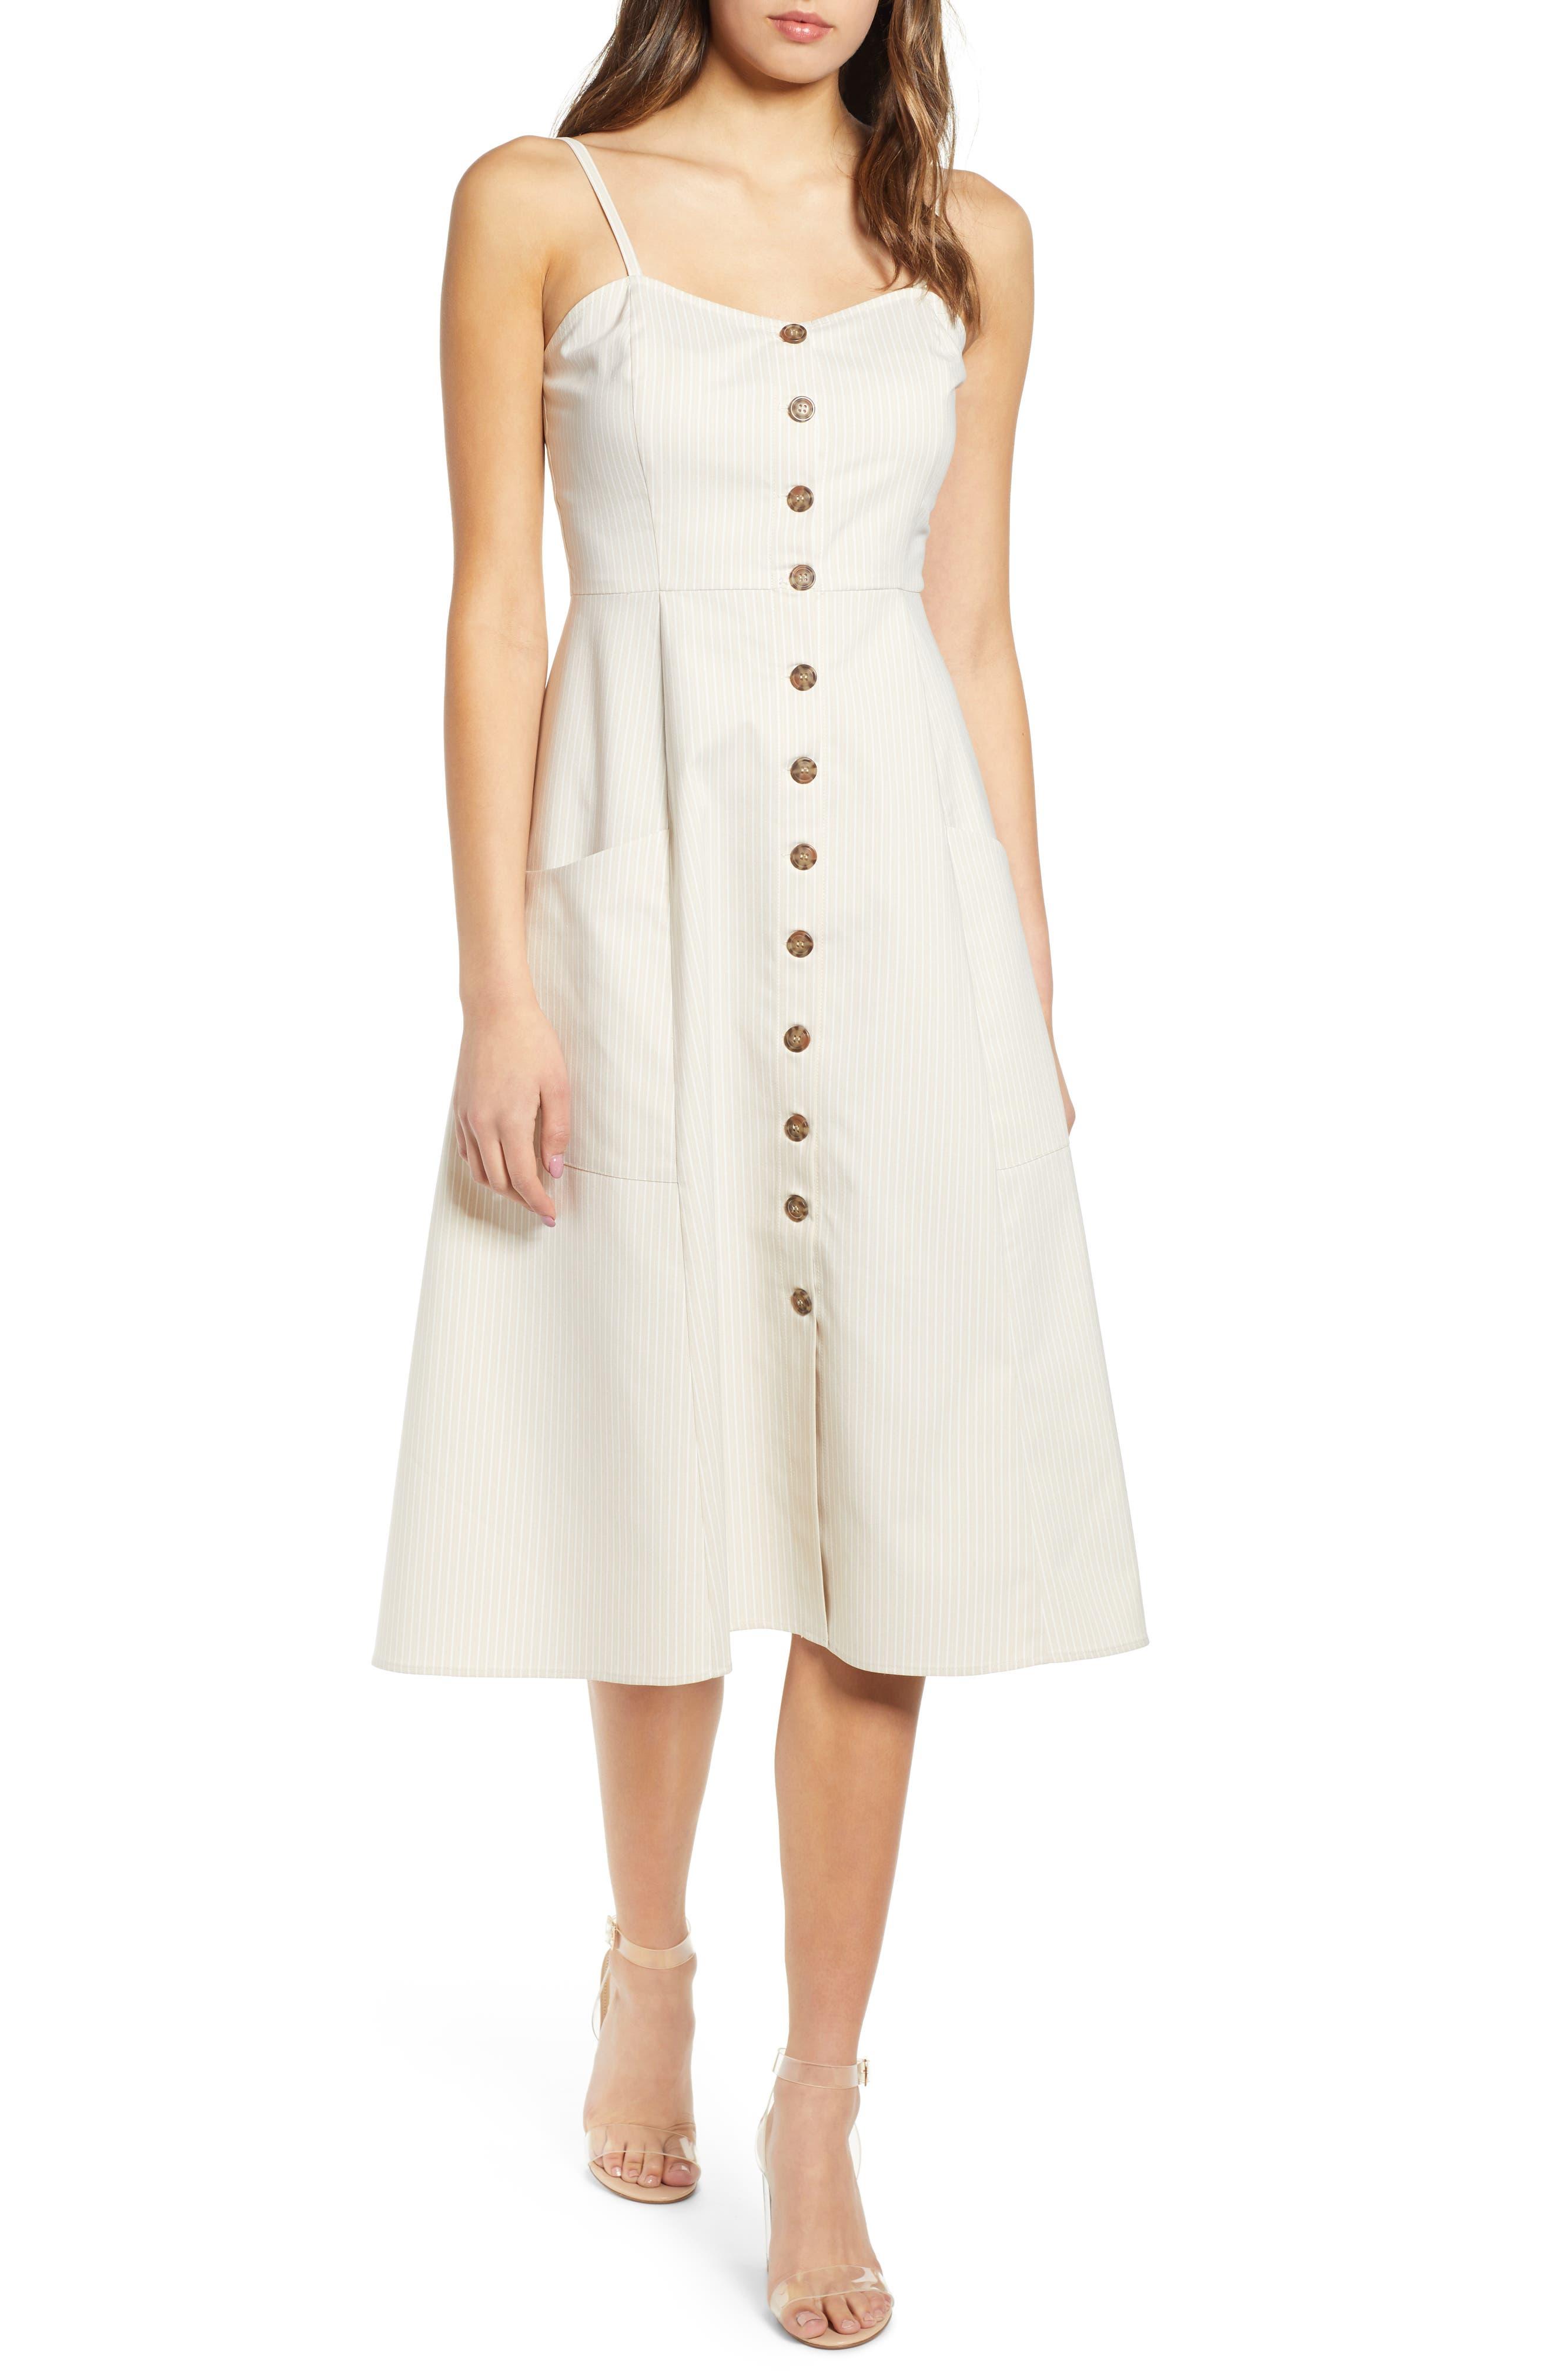 Wayf Hollie A-Line Dress, Ivory